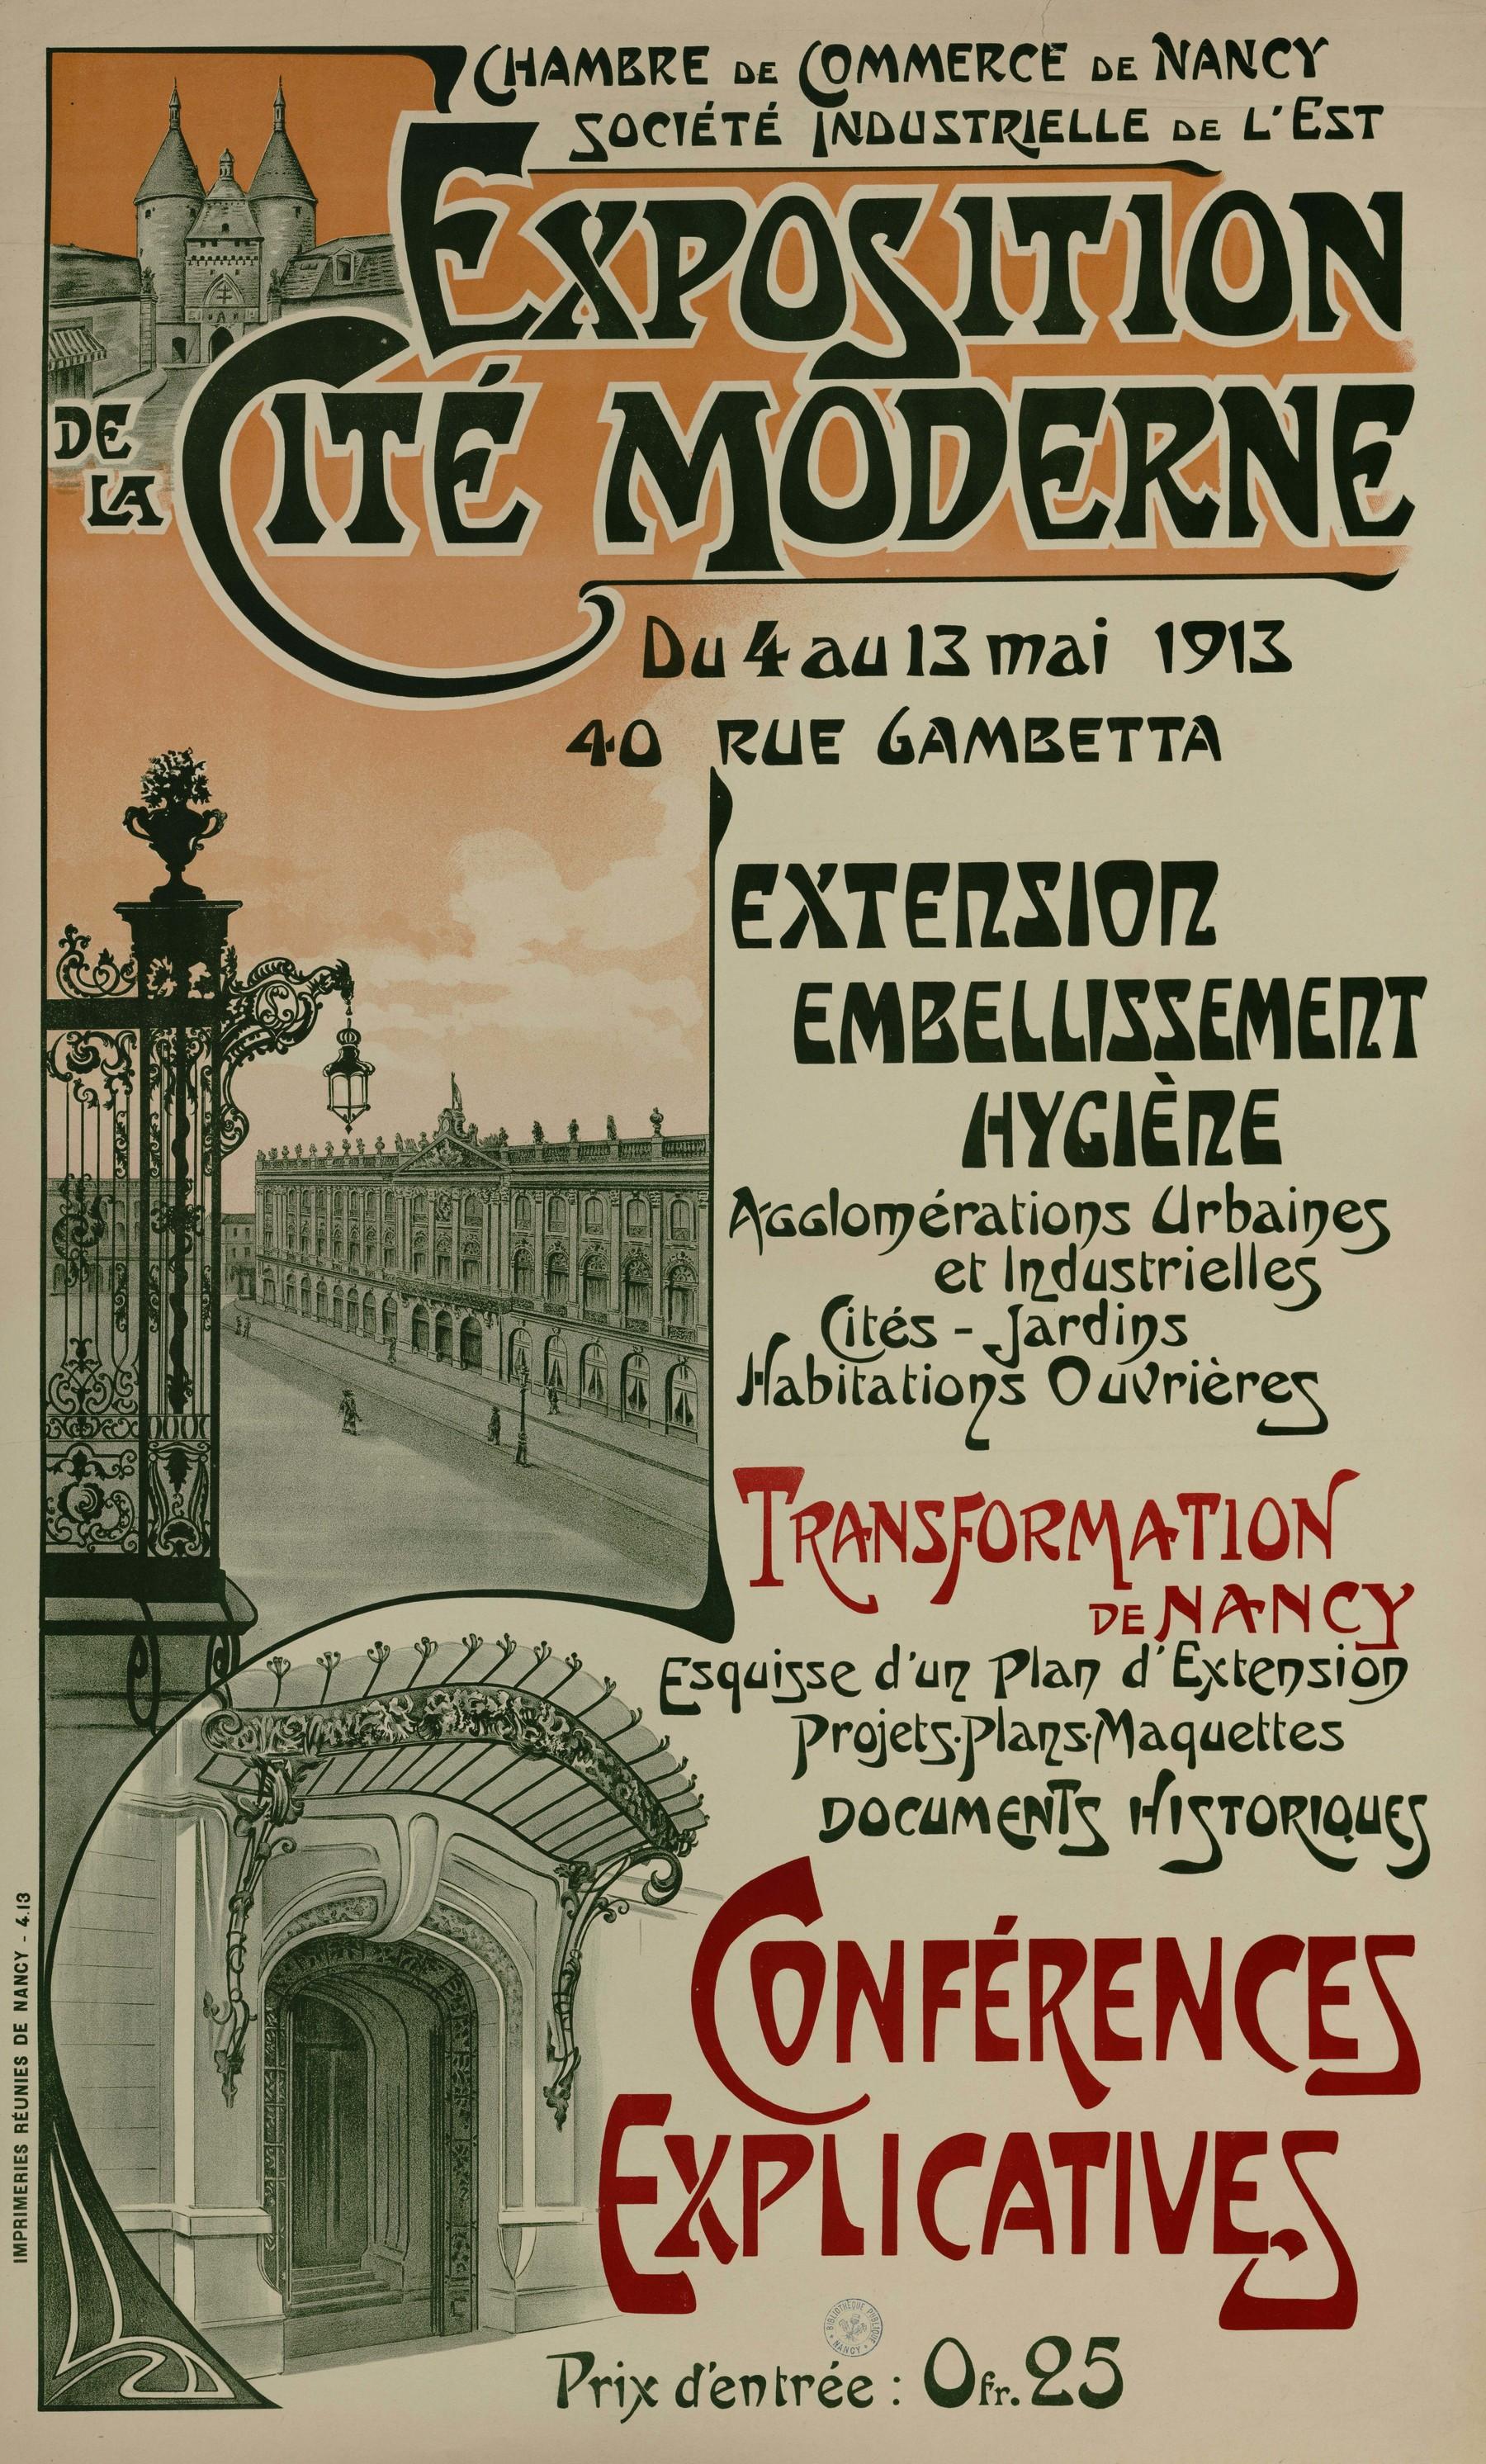 Contenu du Exposition de la Cité Moderne